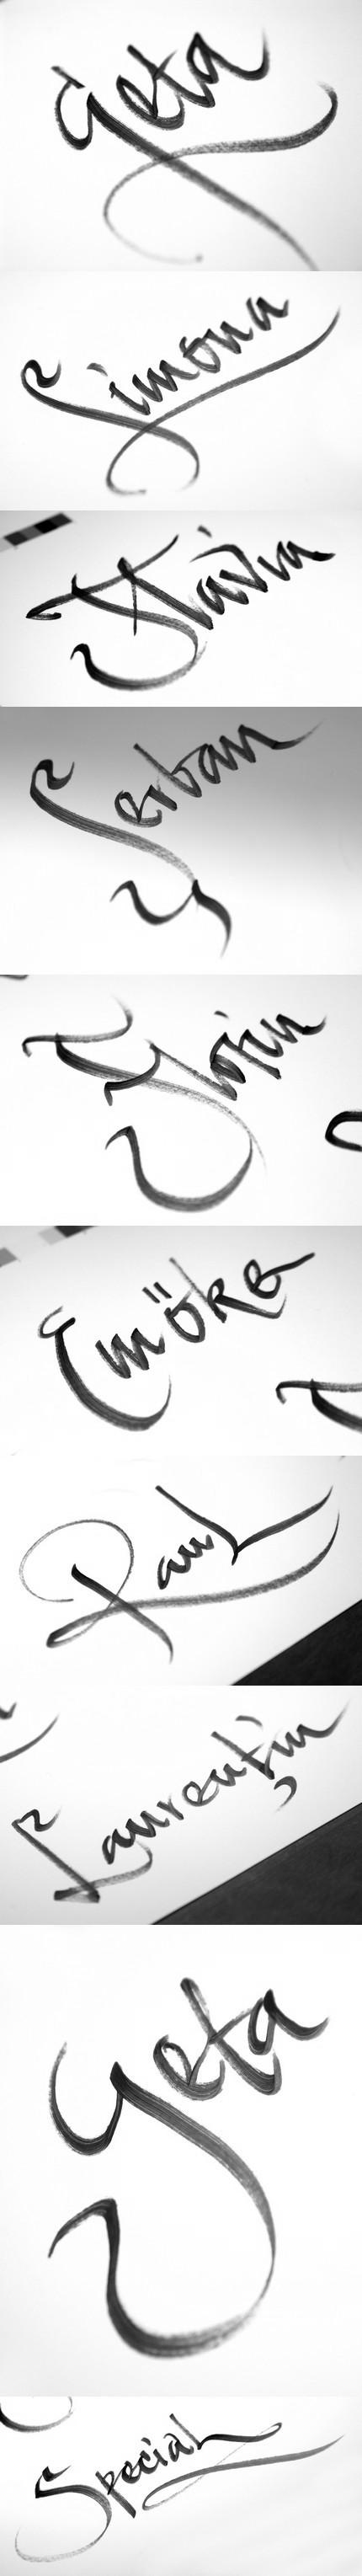 Exerciţii de caligrafie - Florin Florea